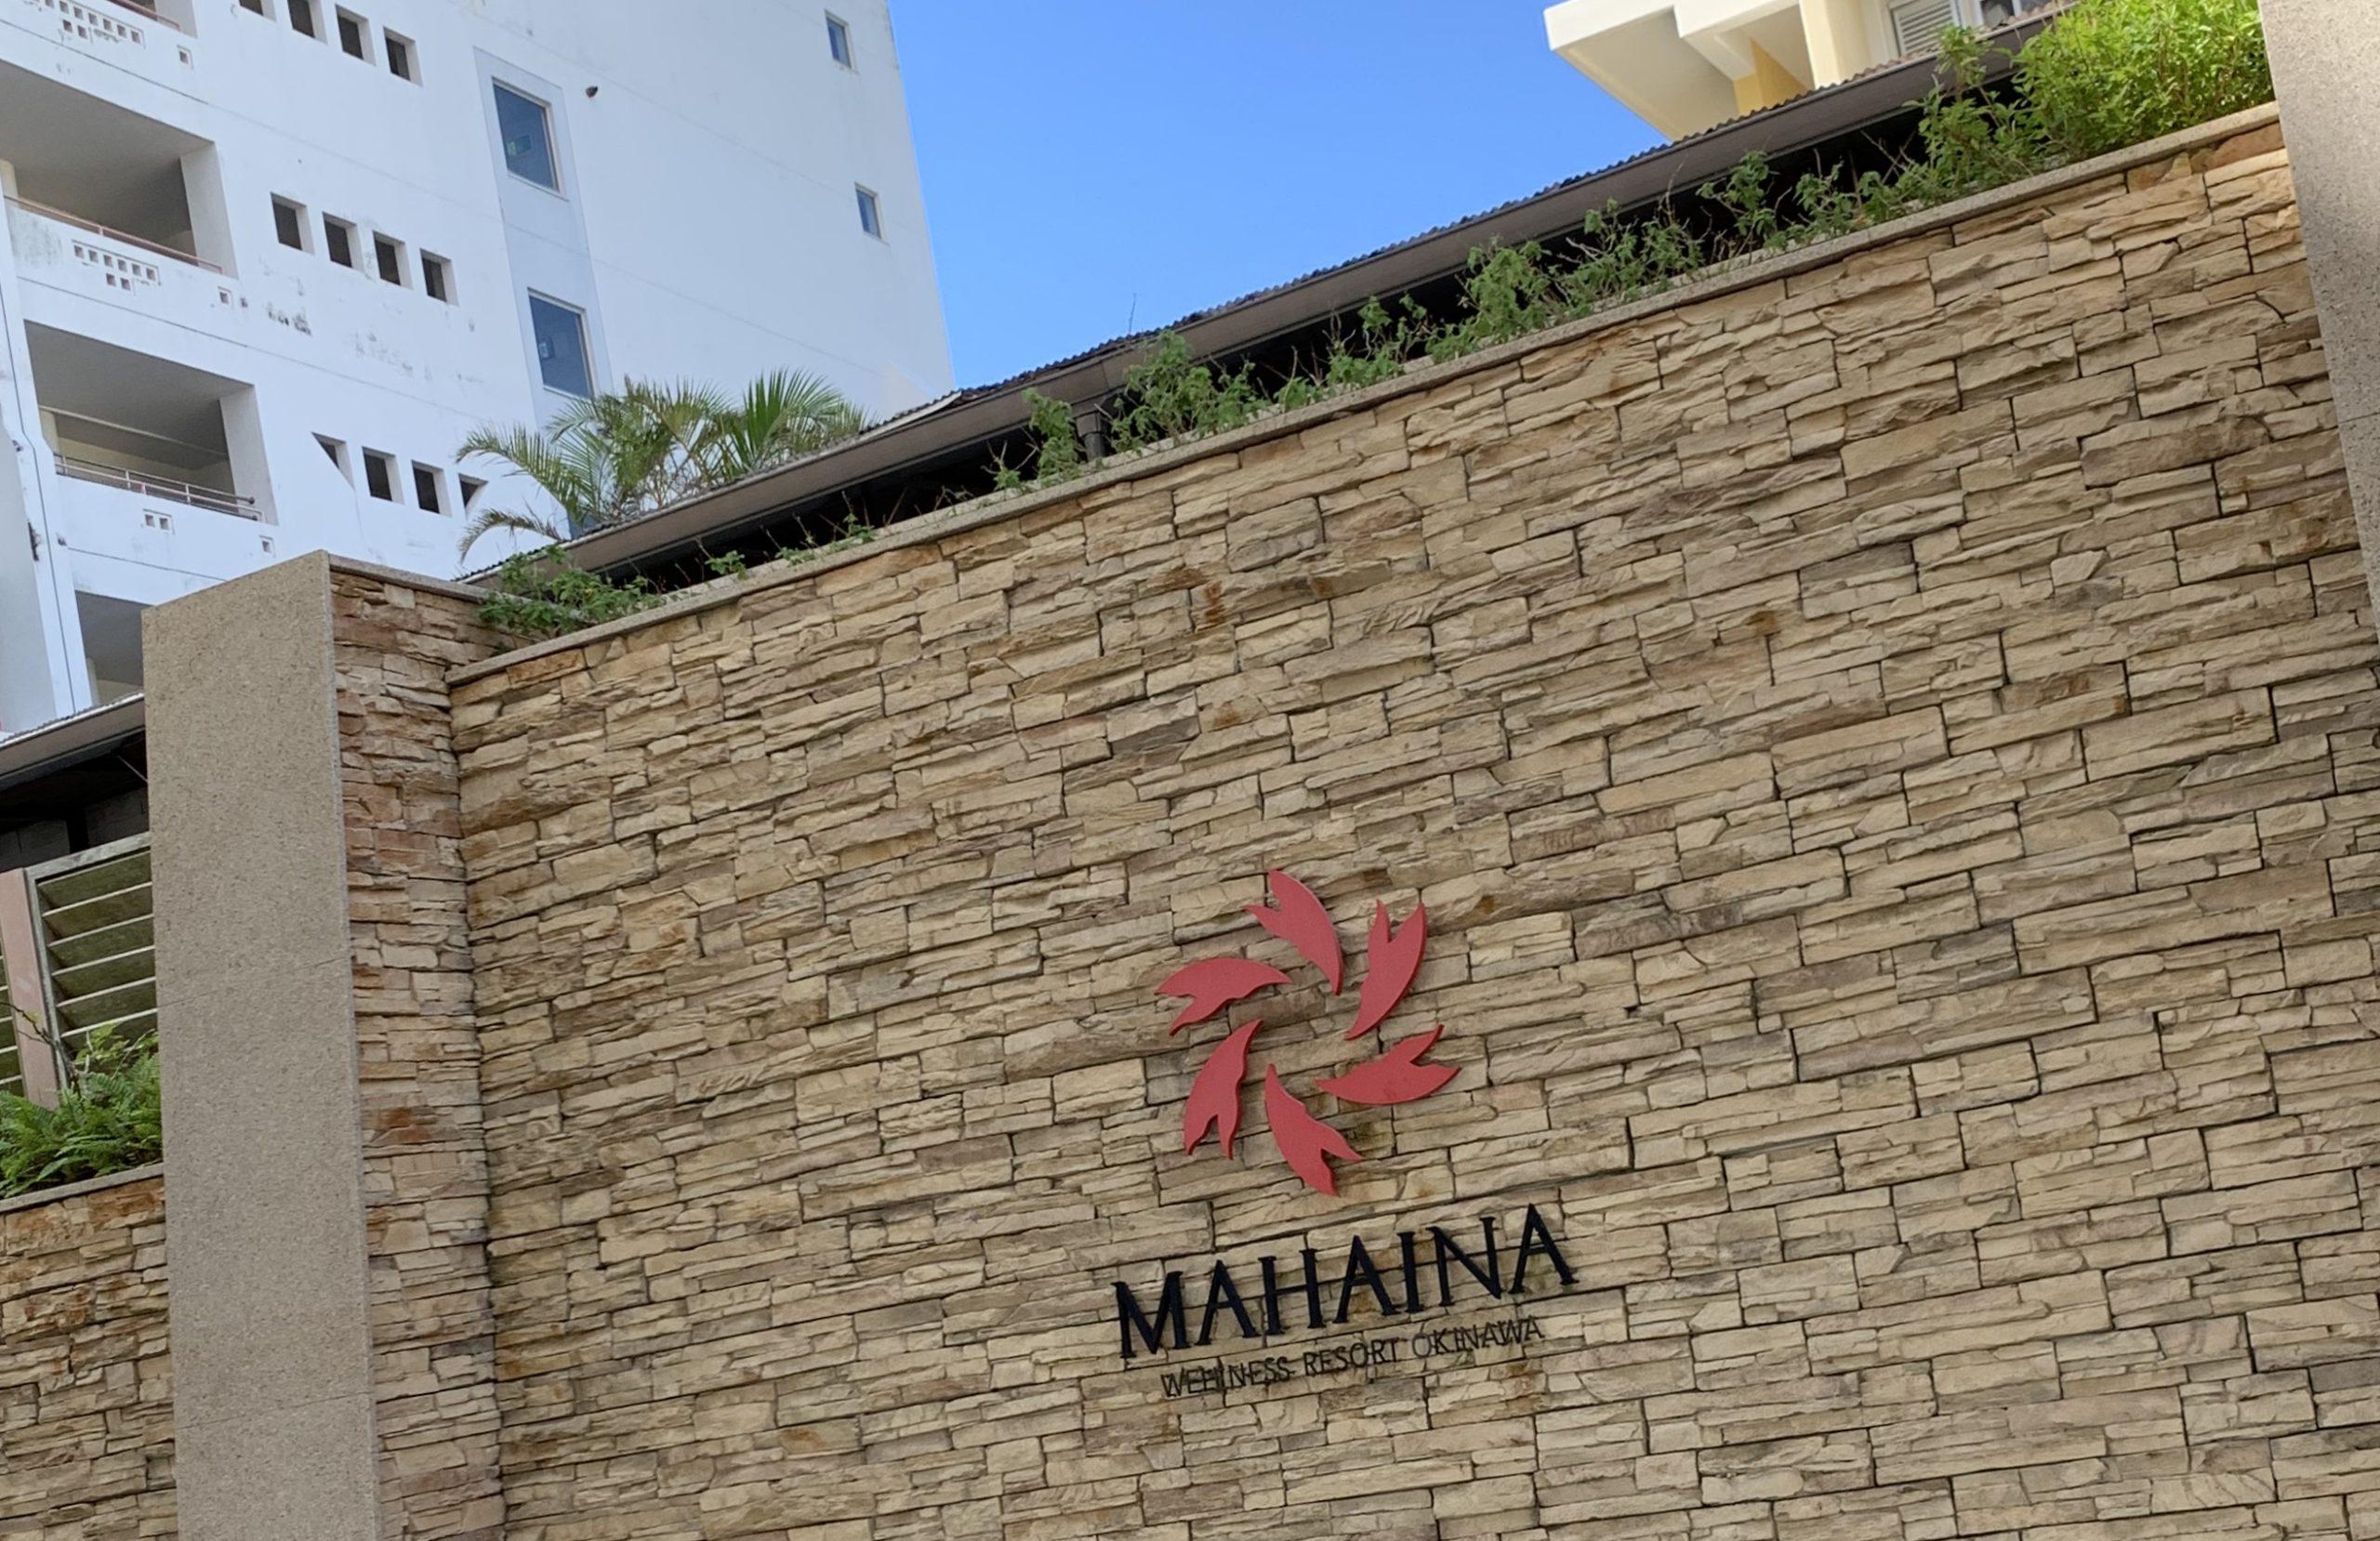 ホテルマハイナウェルネスリゾートオキナワの台風対策をインフルエンサーが取材